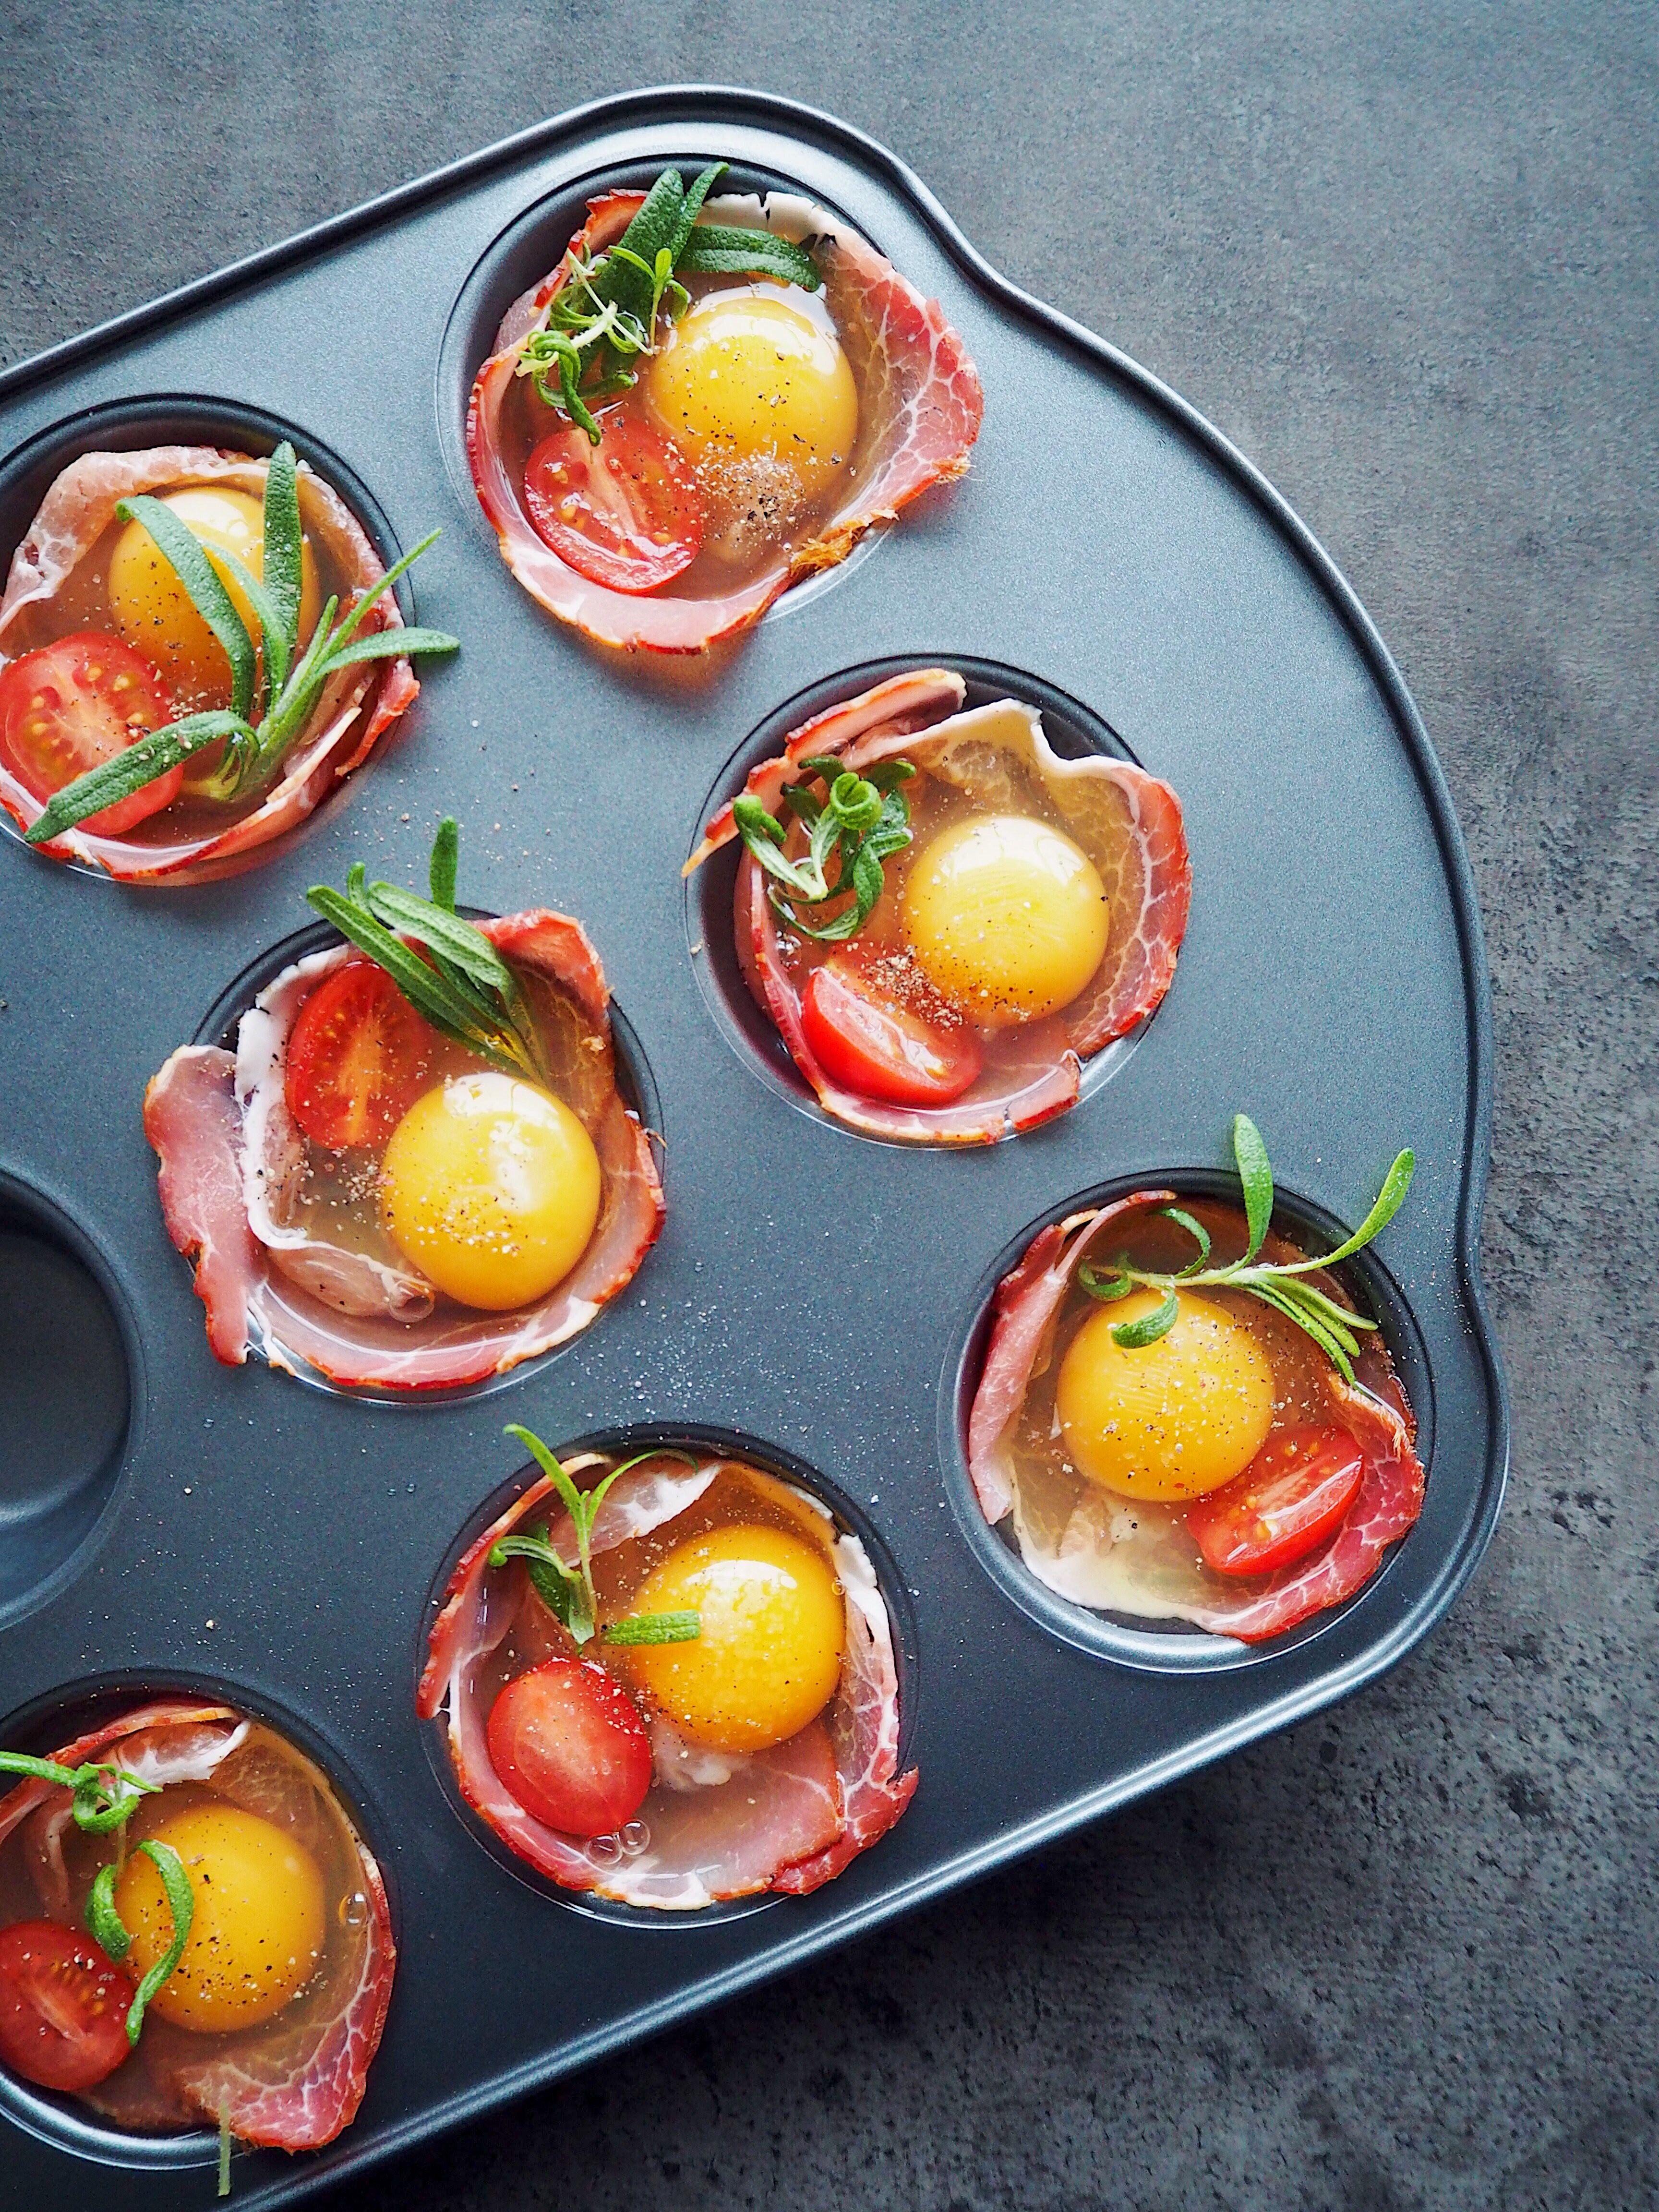 Simple æggemuffins Til Morgenbordet Eller Den Hurtige Frokost